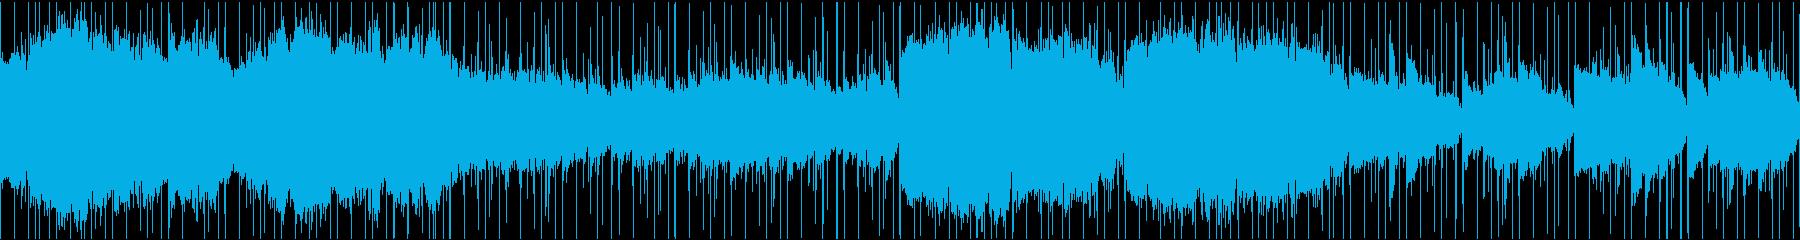 エジプト風の曲の再生済みの波形